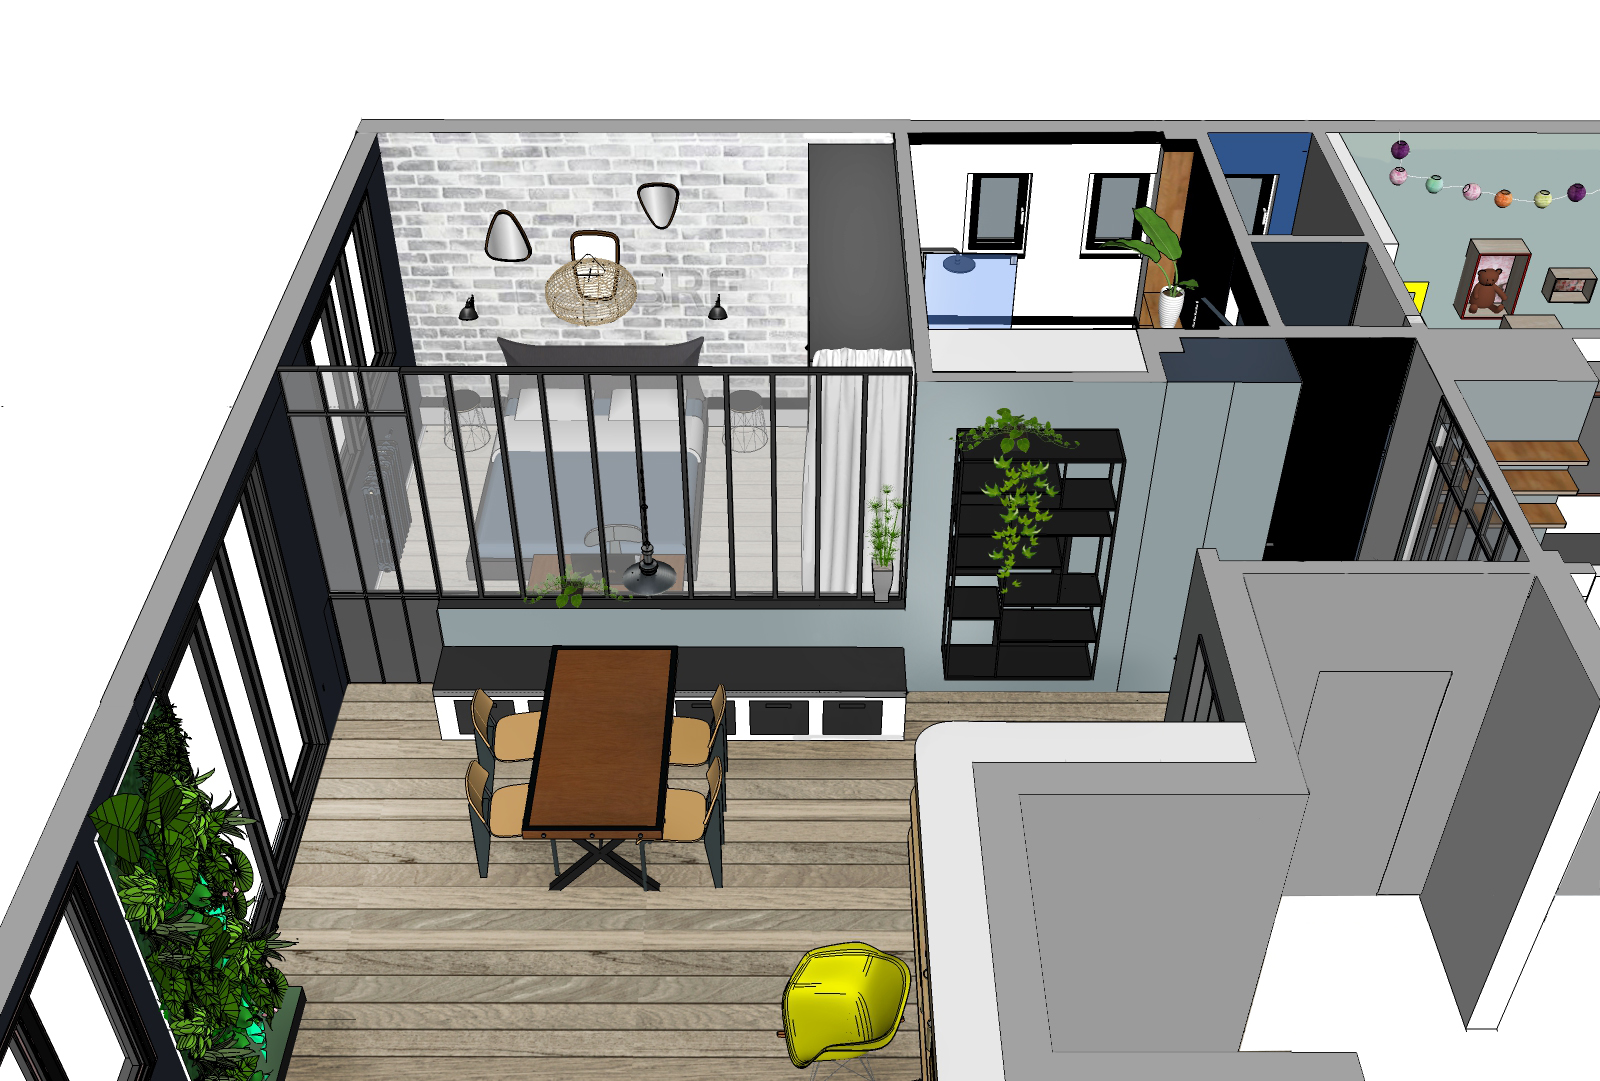 Sèvres 1 -Perspective 3D